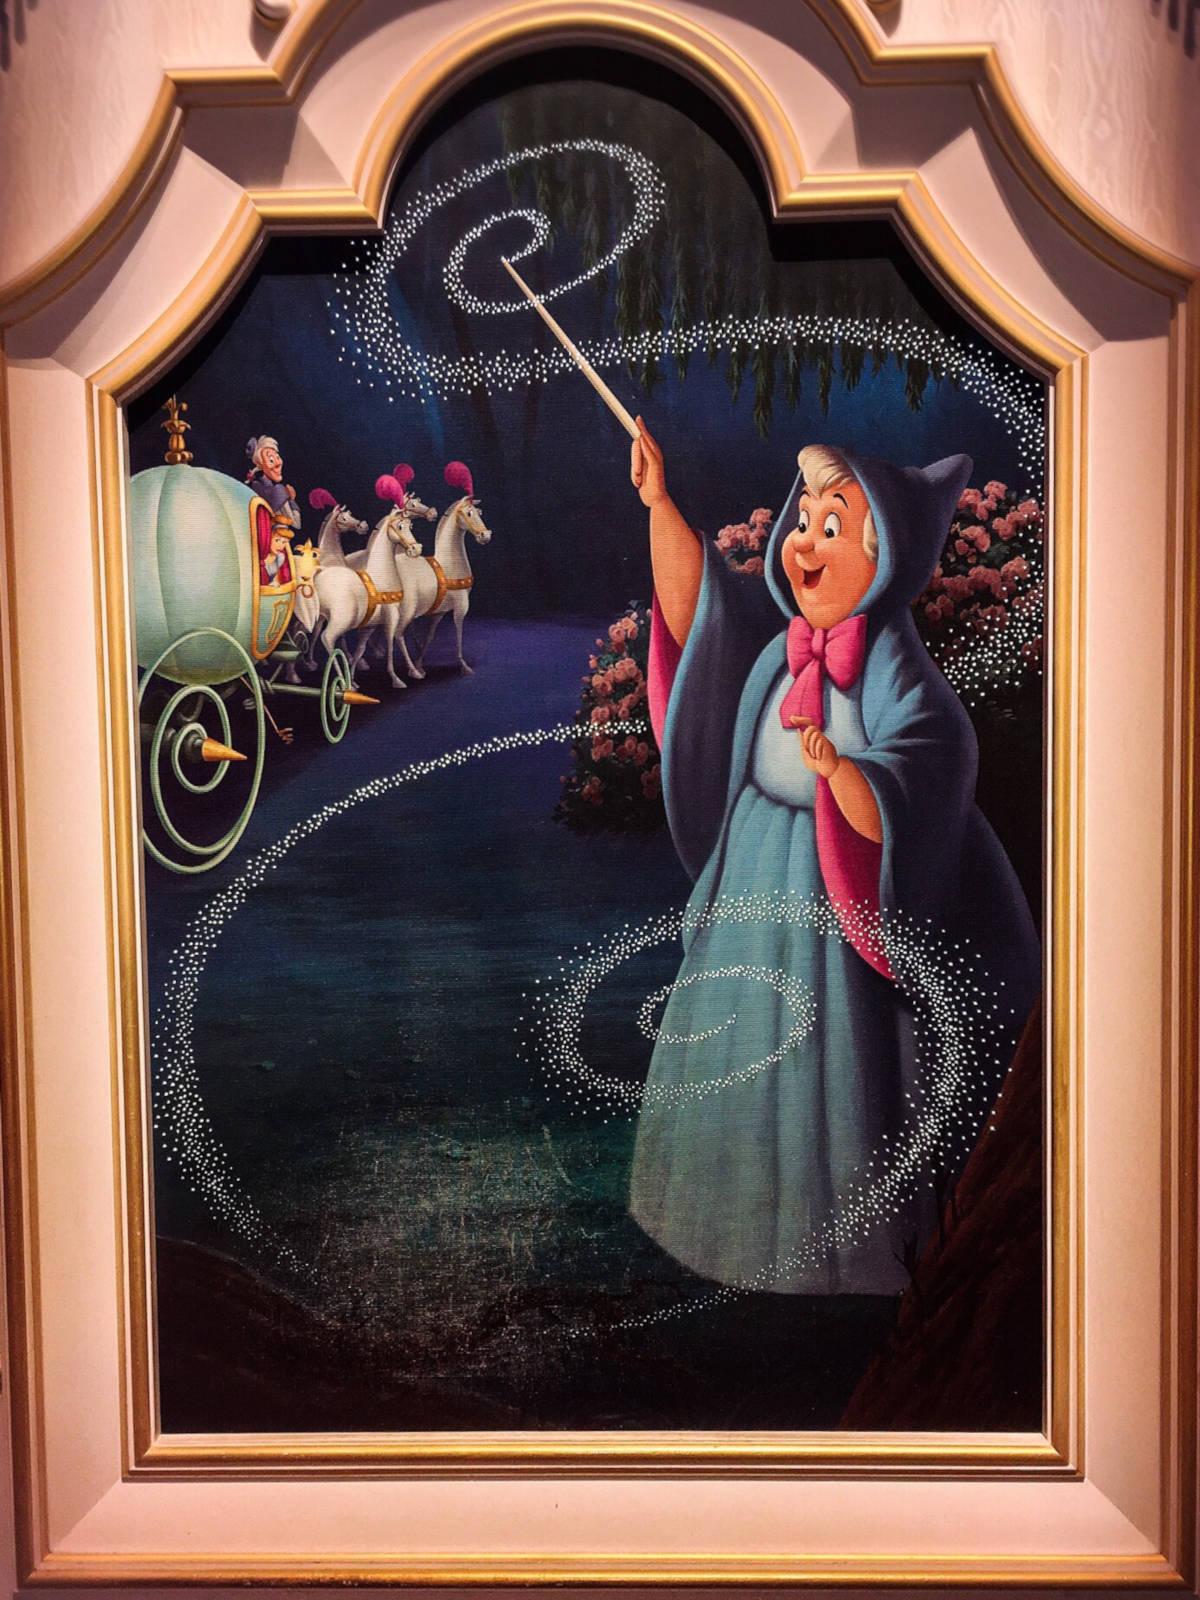 フェアリーゴッドマザーの壁画